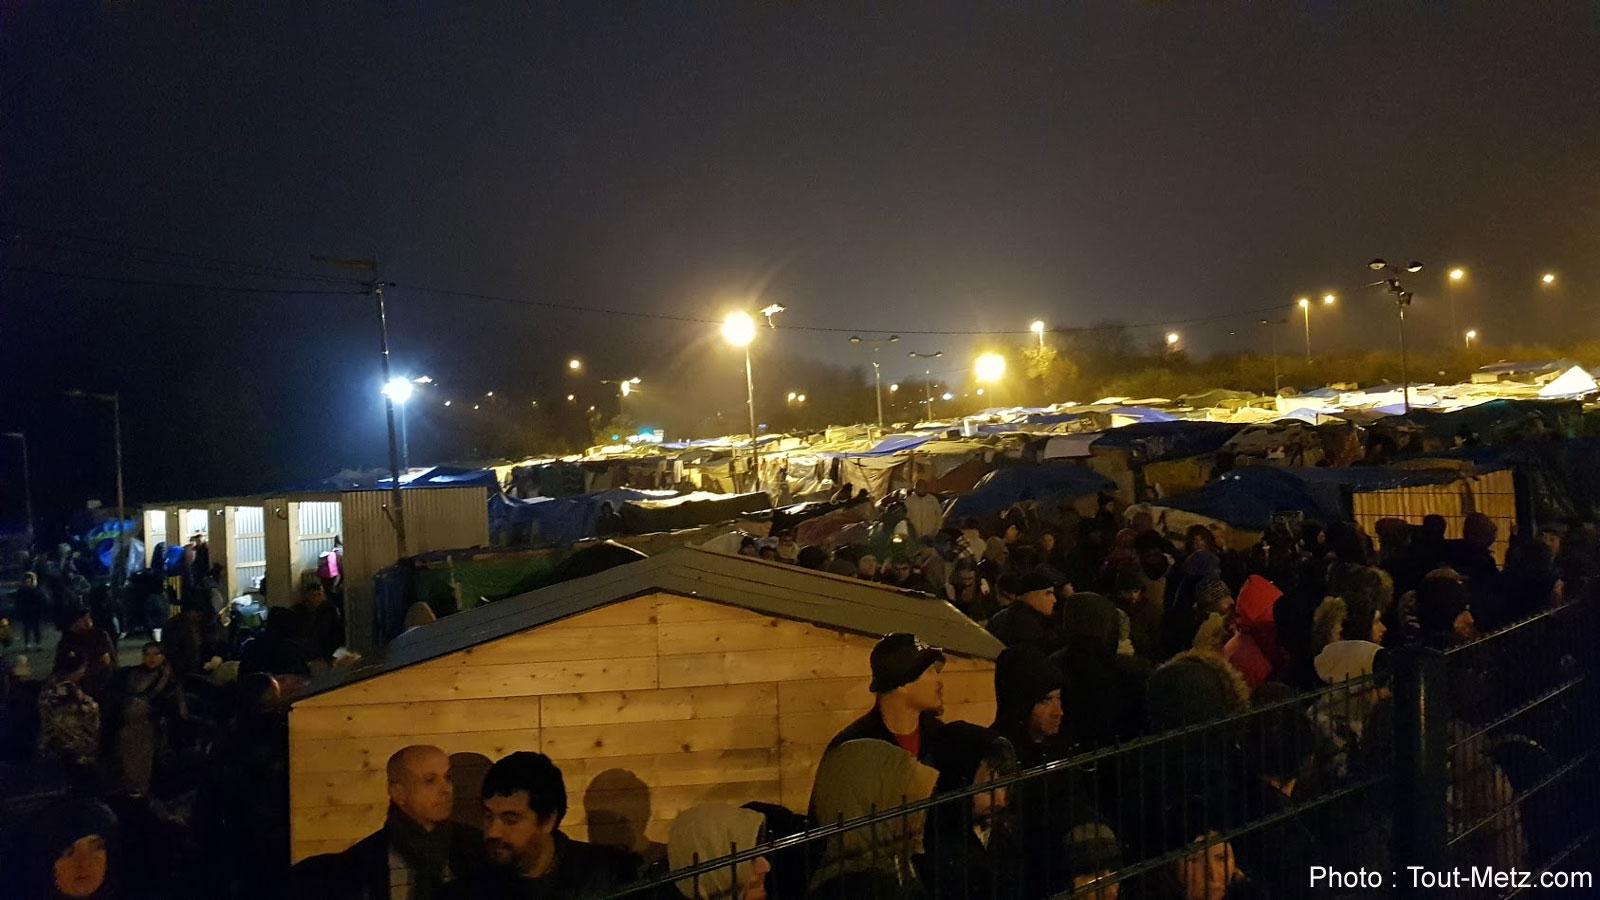 Metz : entre 800 et 1000 personnes évacuées du camp de Blida ce mercredi (photos)